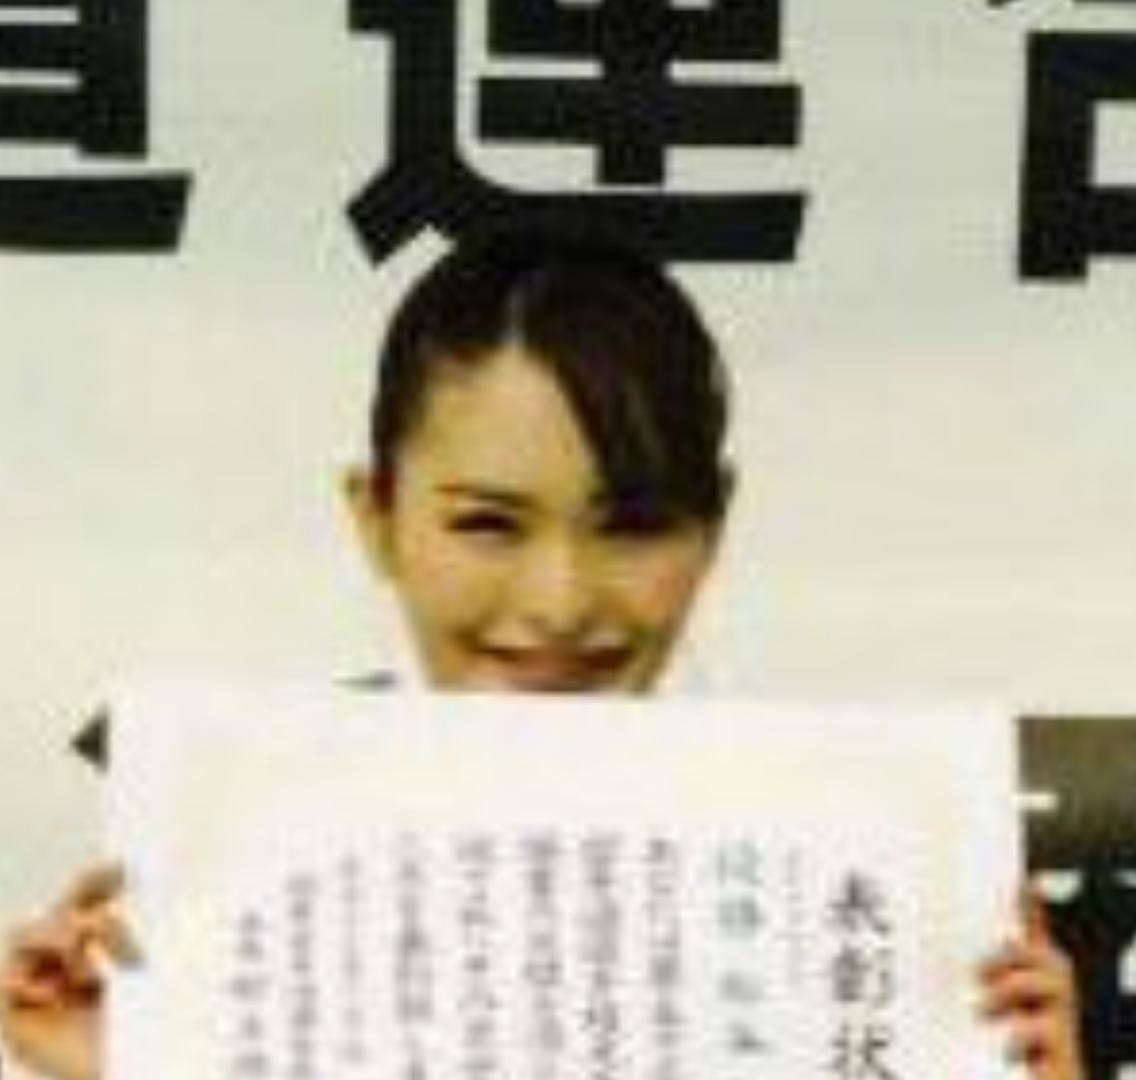 元実業団日本代表(空手) 選手